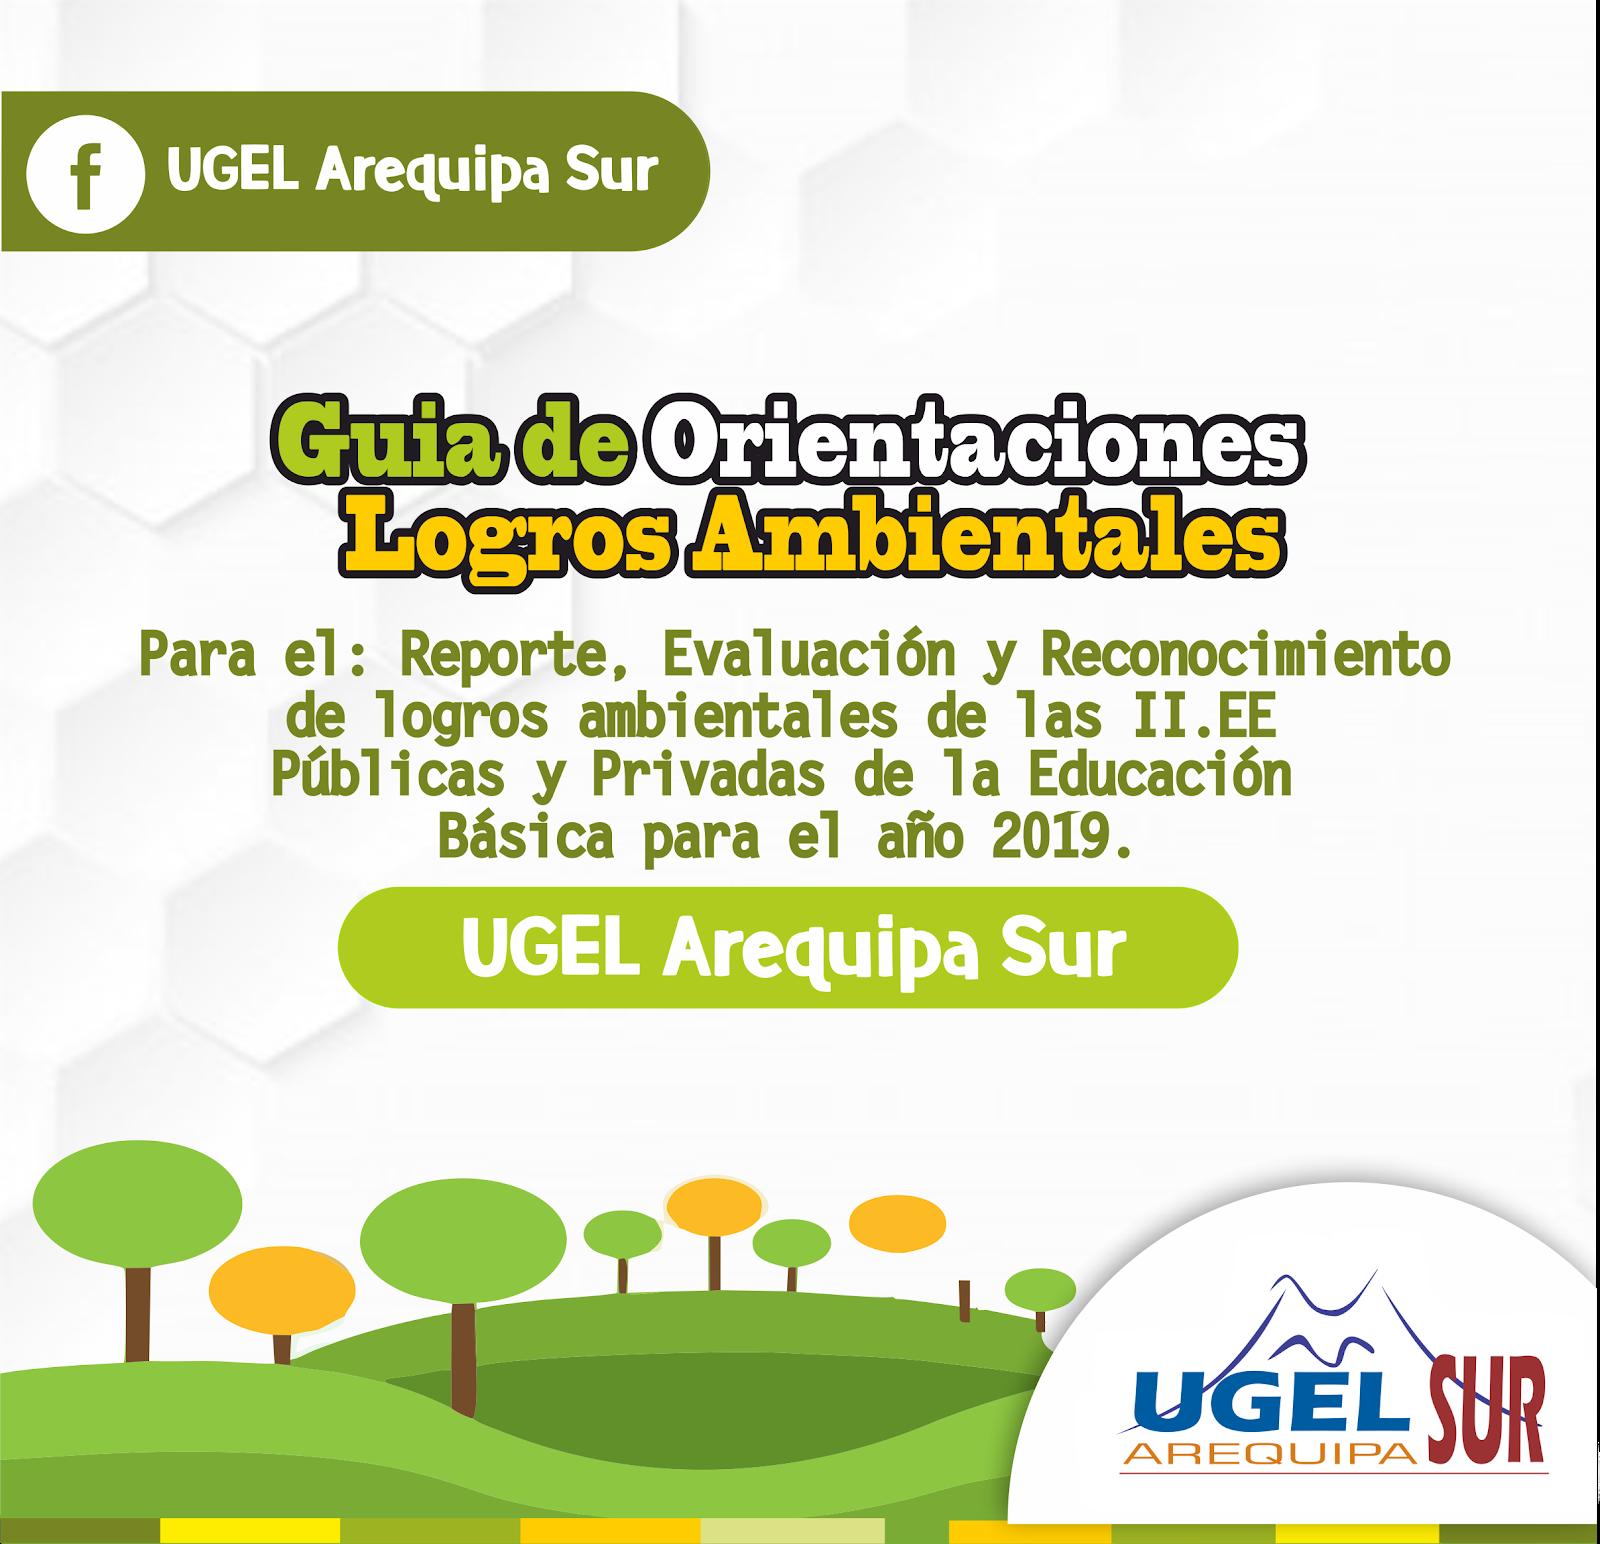 GUIA DE ORIENTACIONES LOGROS AMBIENTALES 2019